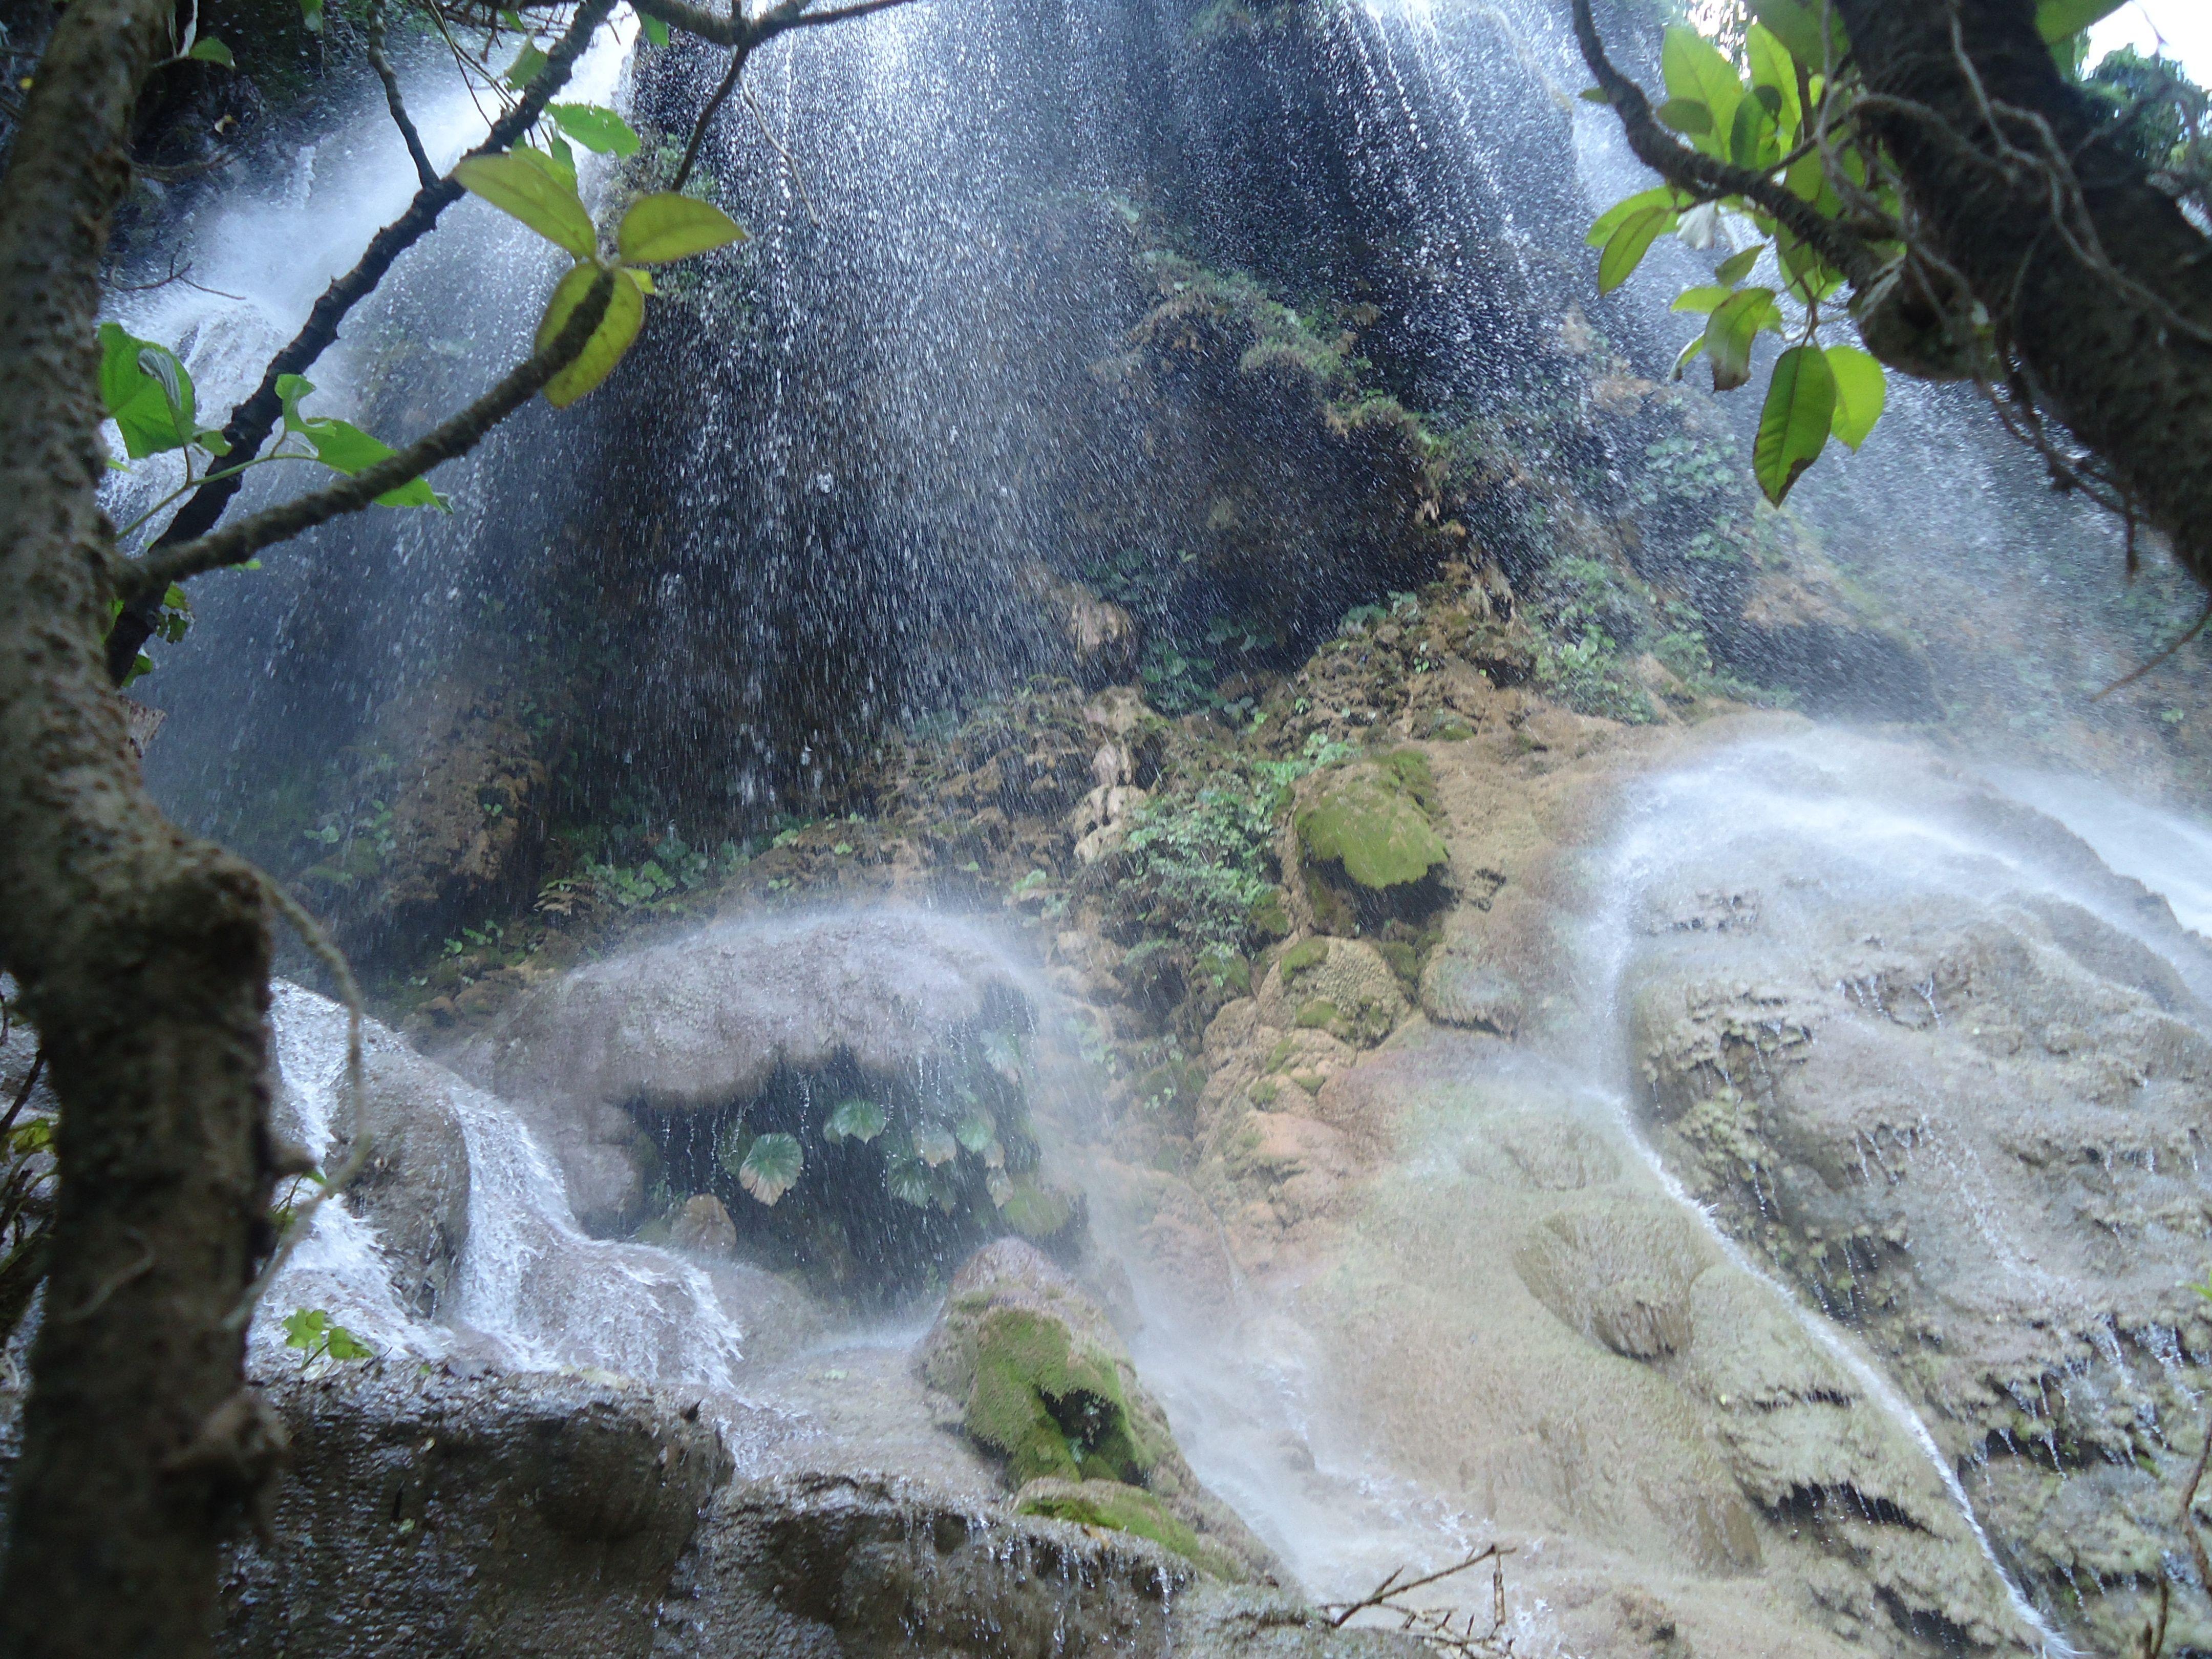 vista de la caída de agua en El Aguacero